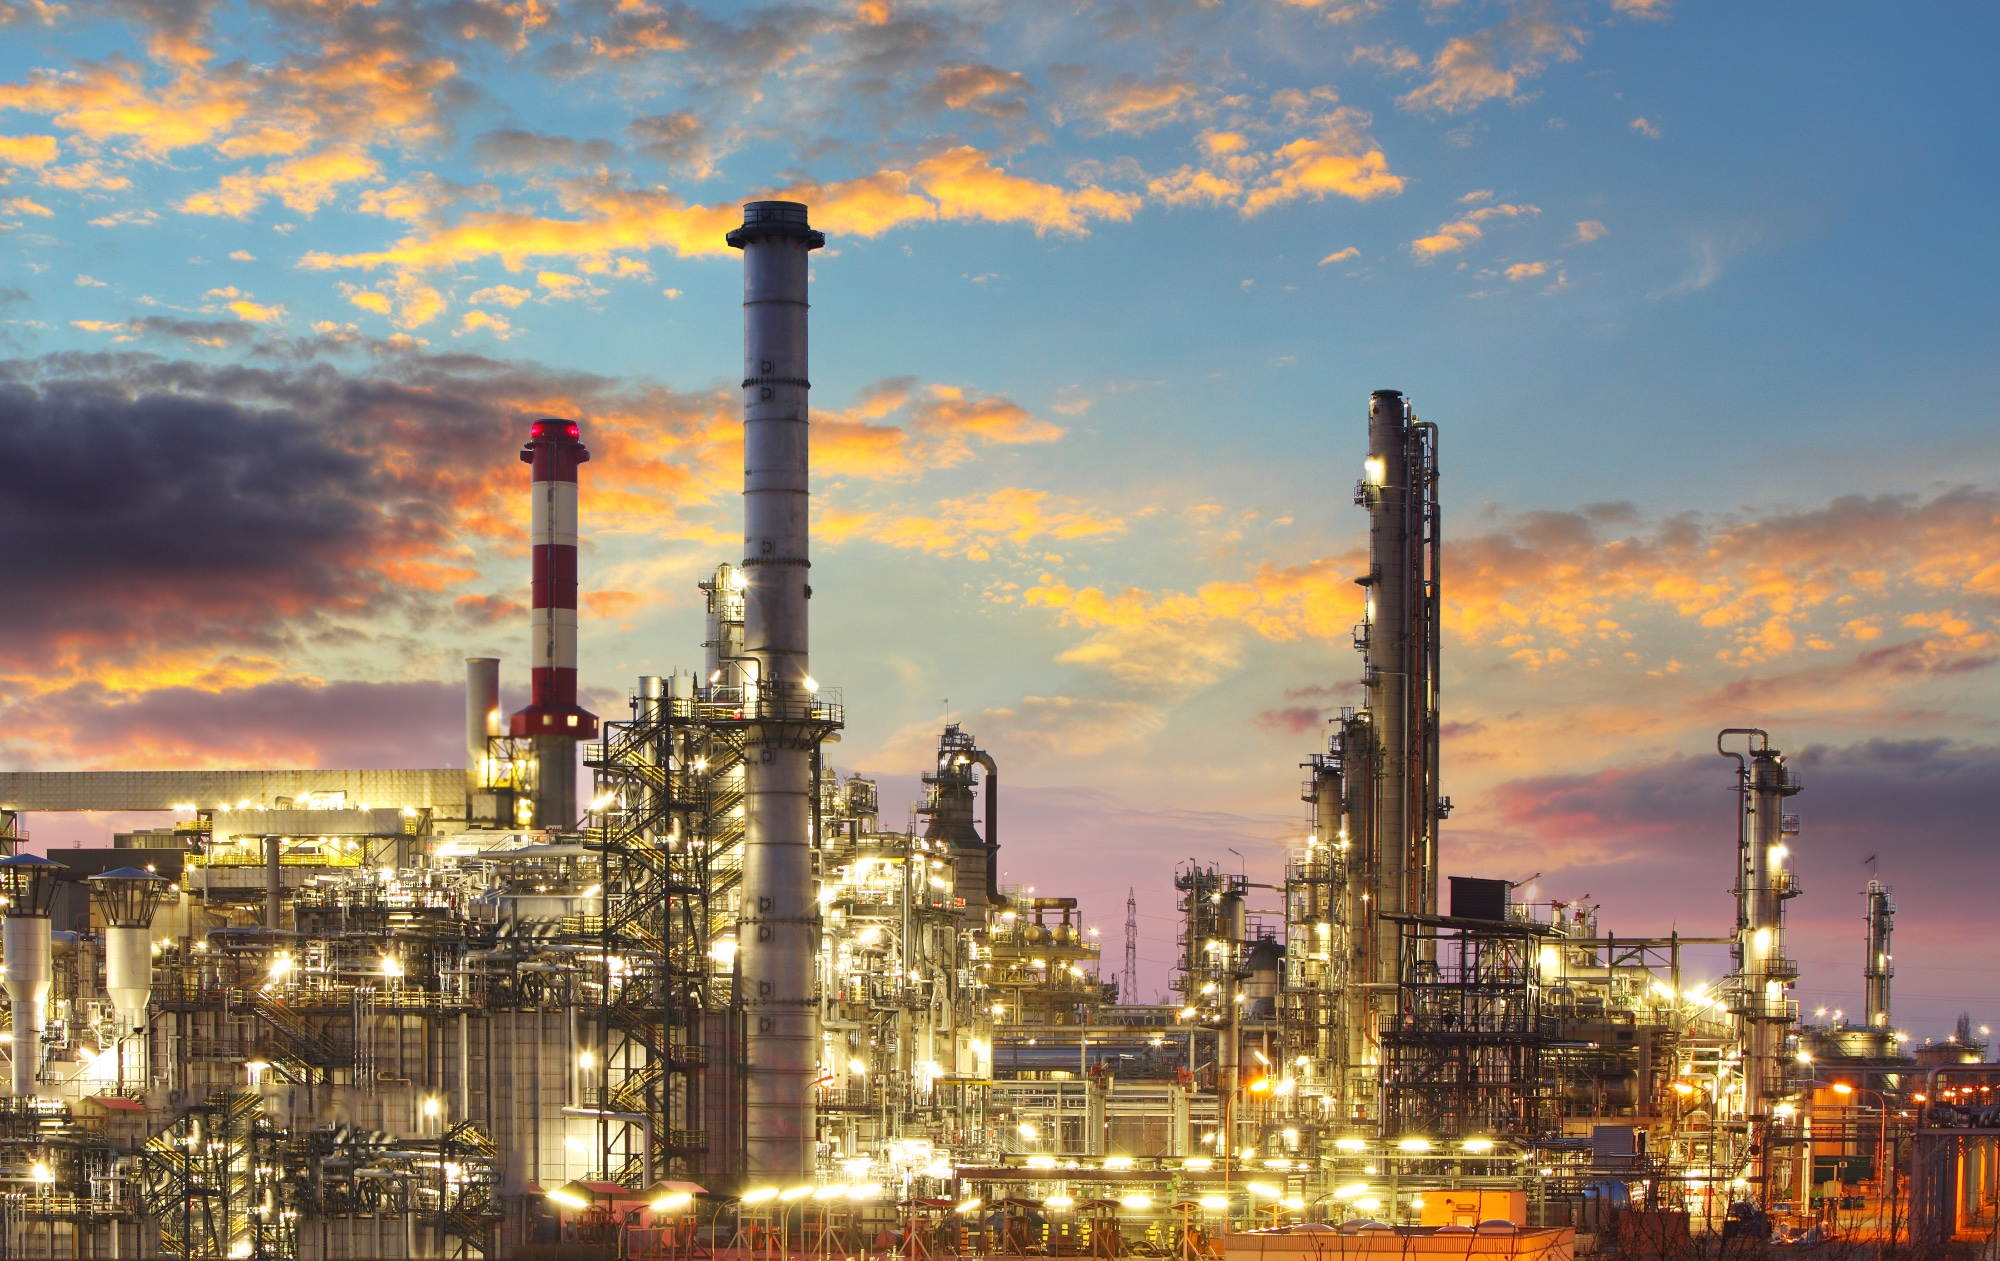 Переводы в сфере нефтехимии